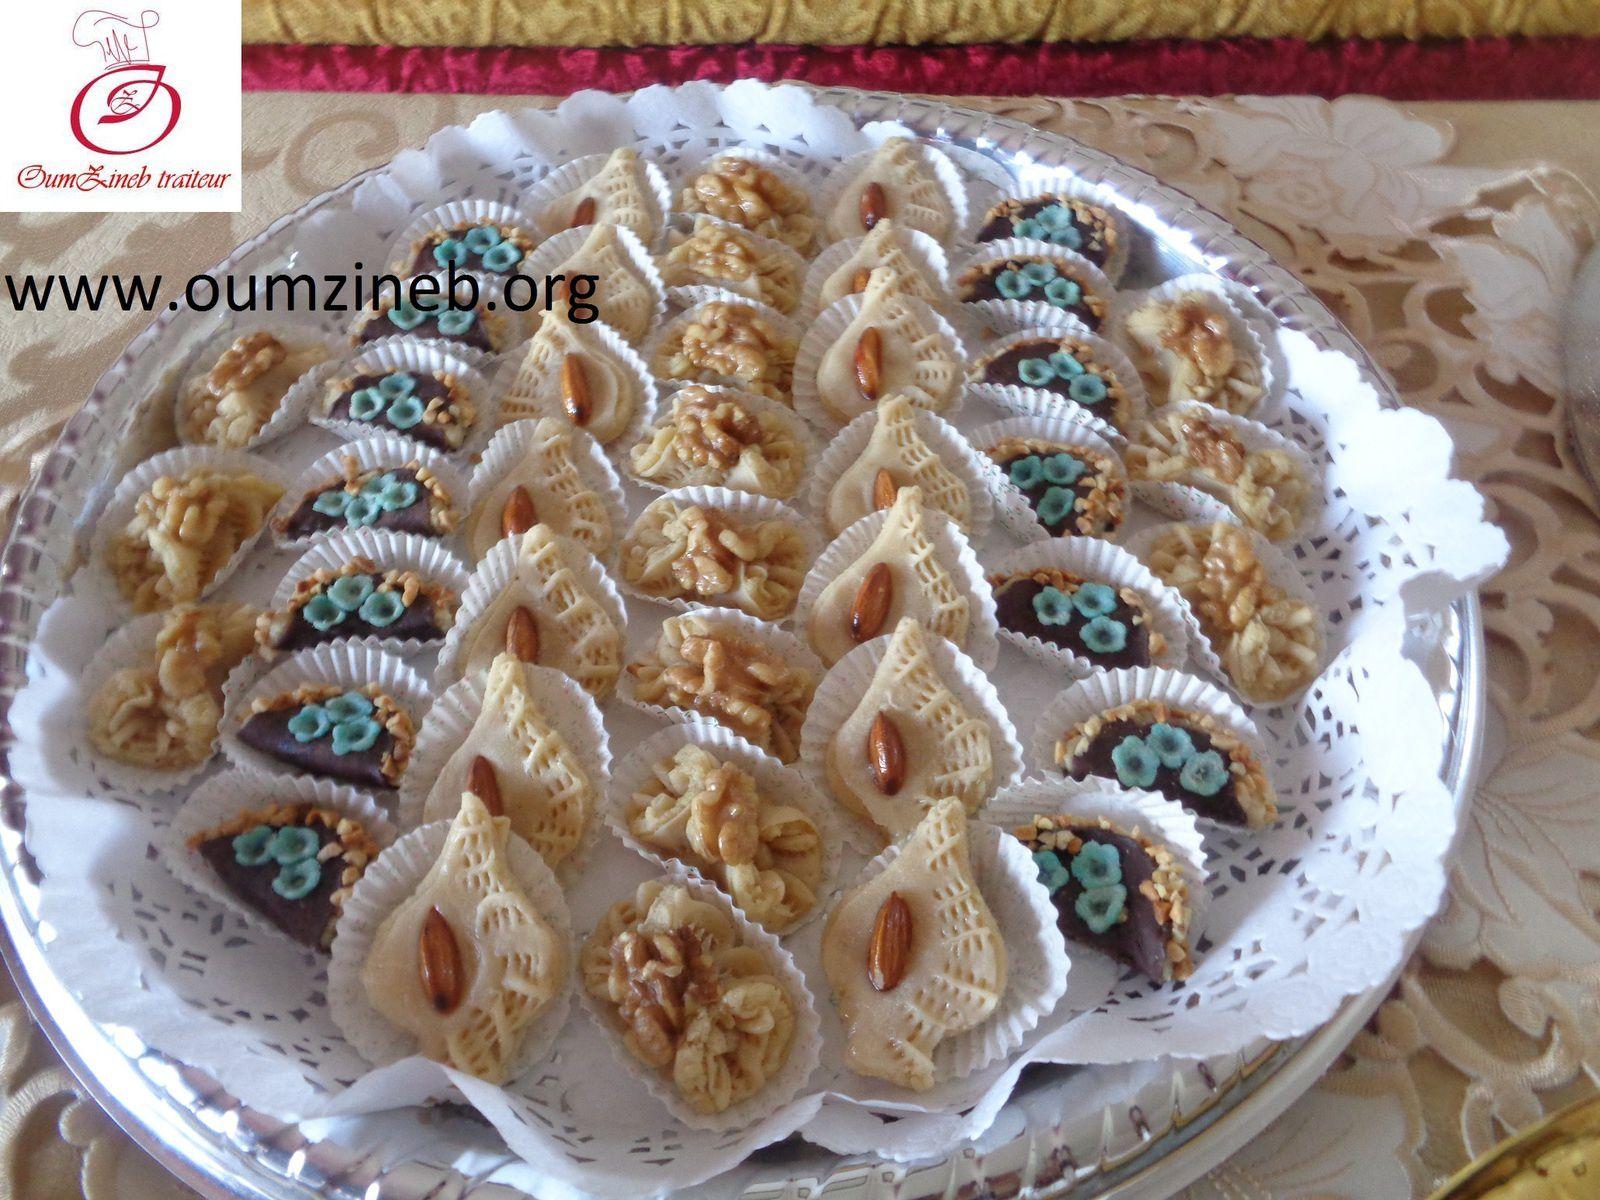 gateaux marocain pour des récéption